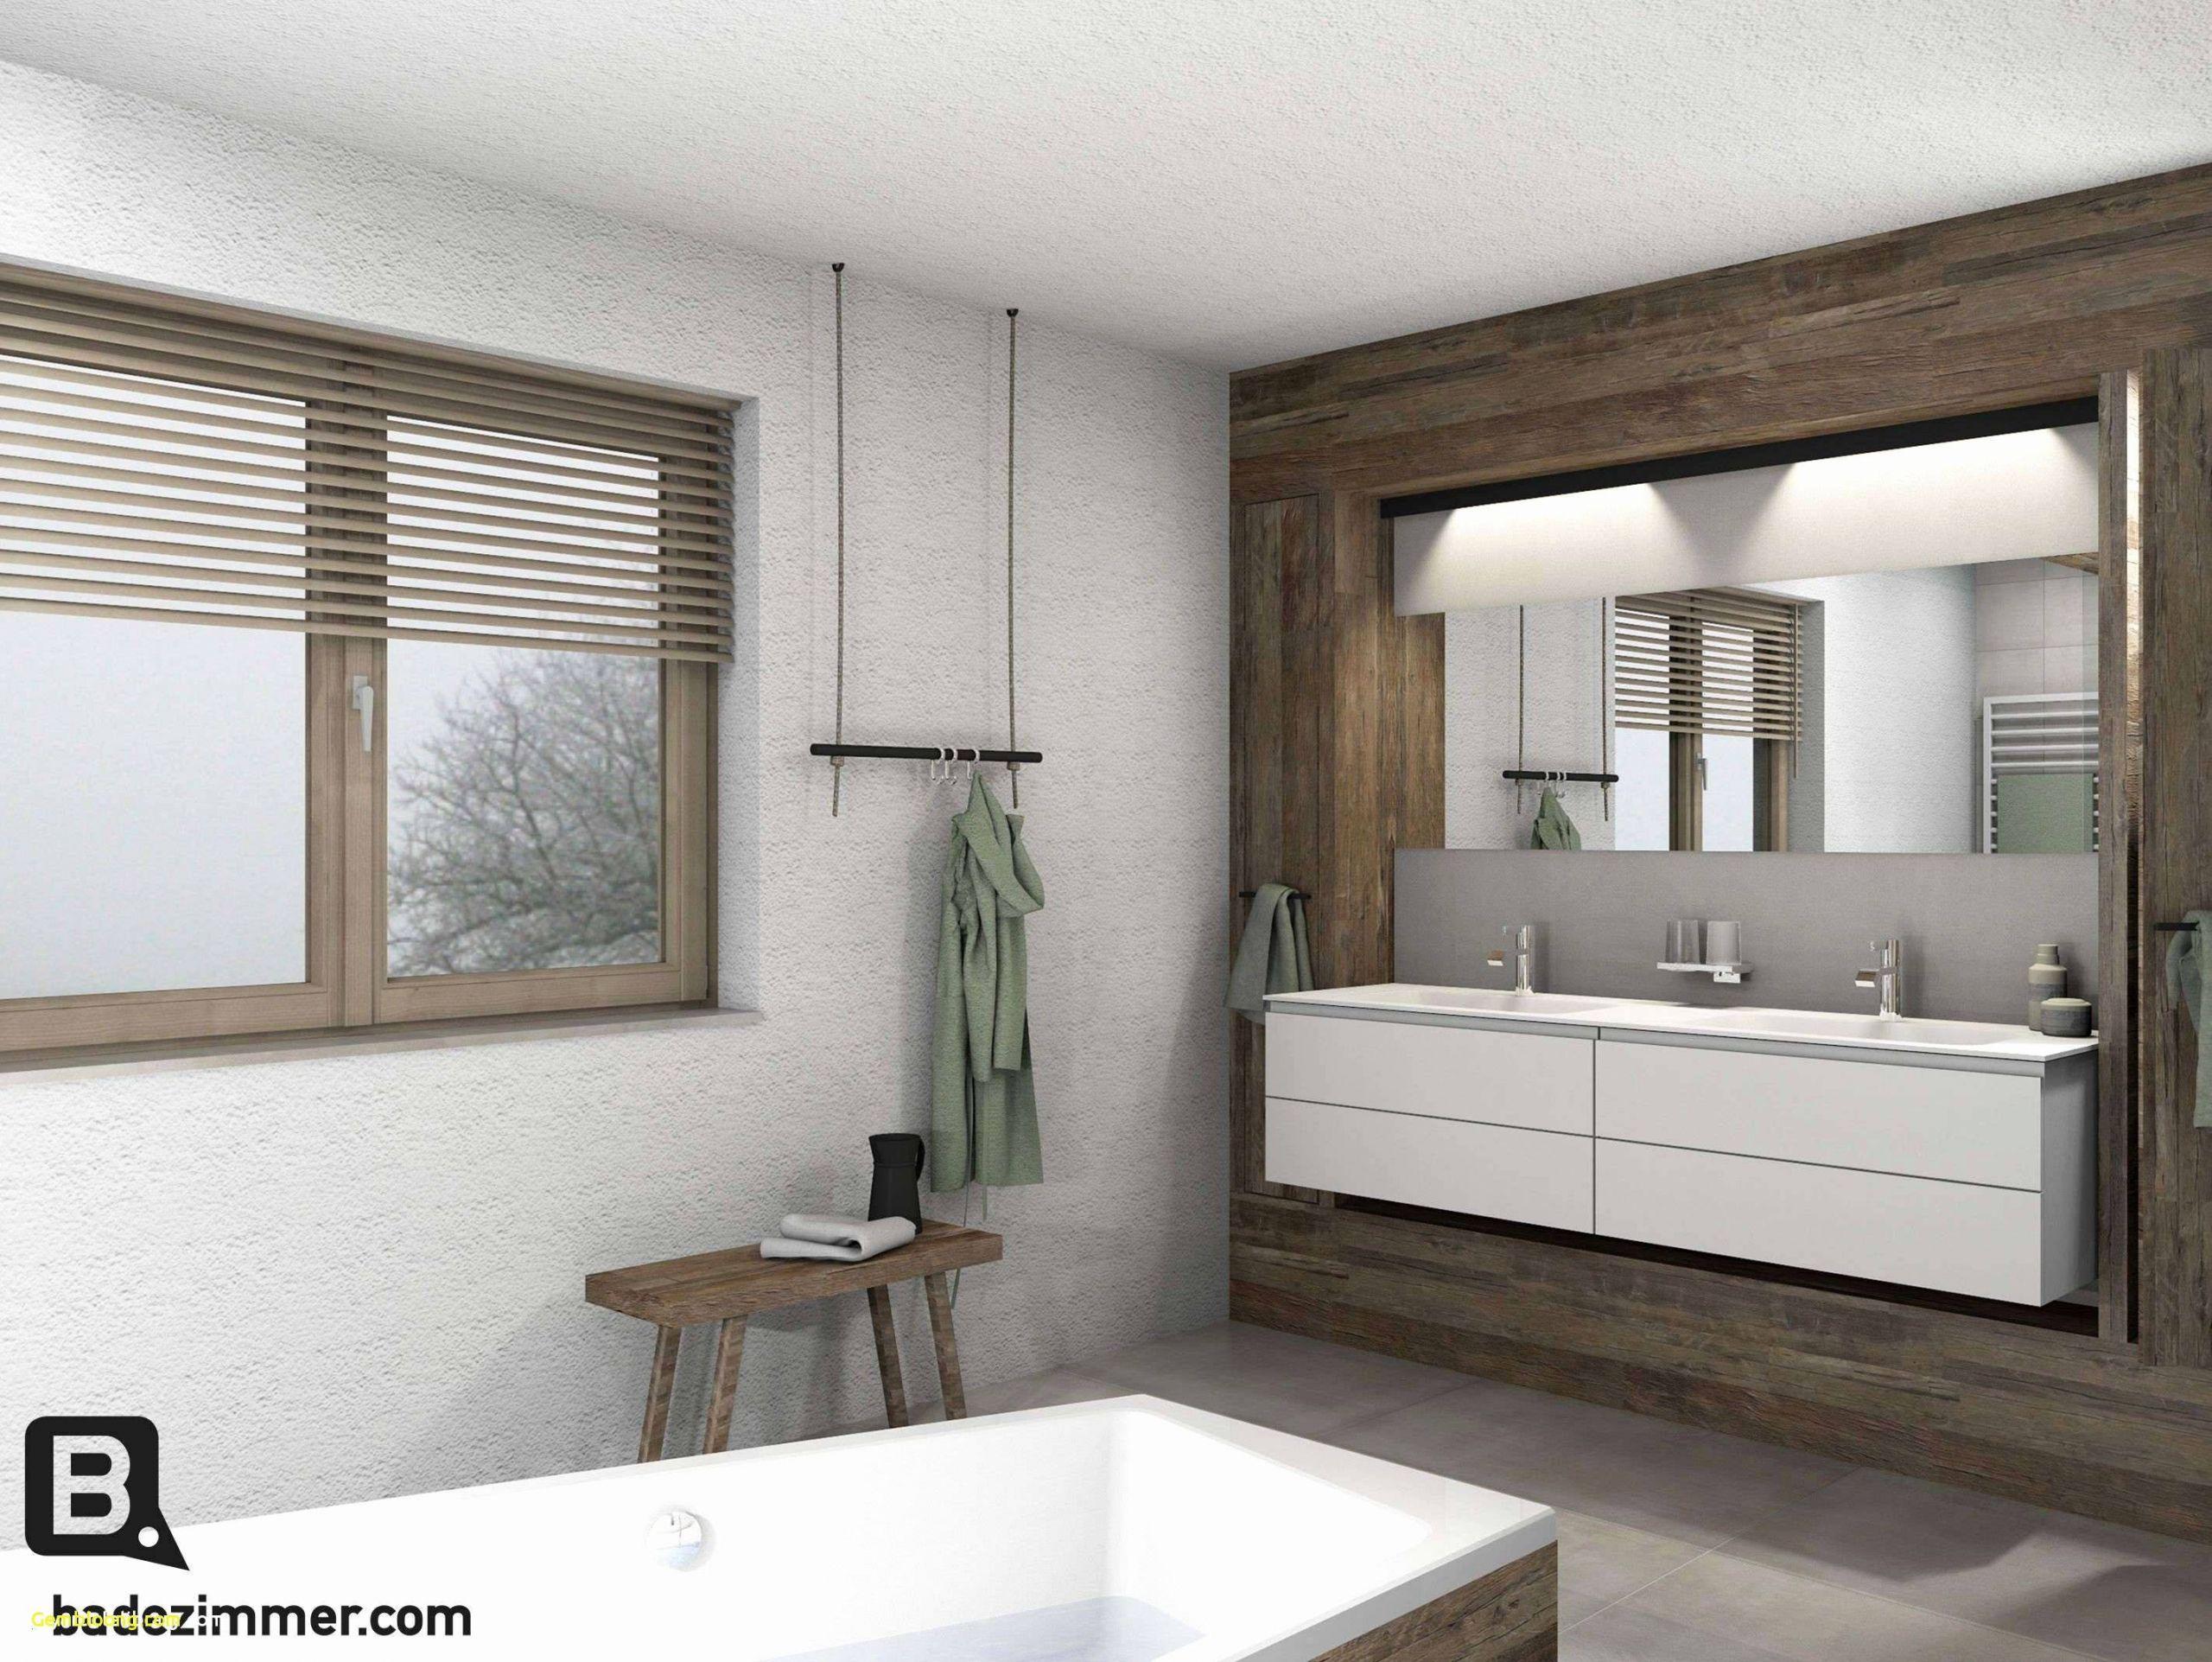 japanische deko wohnzimmer frisch wohnzimmer fenster gardinen neu plissee wohnzimmer 0d design ideen of japanische deko wohnzimmer